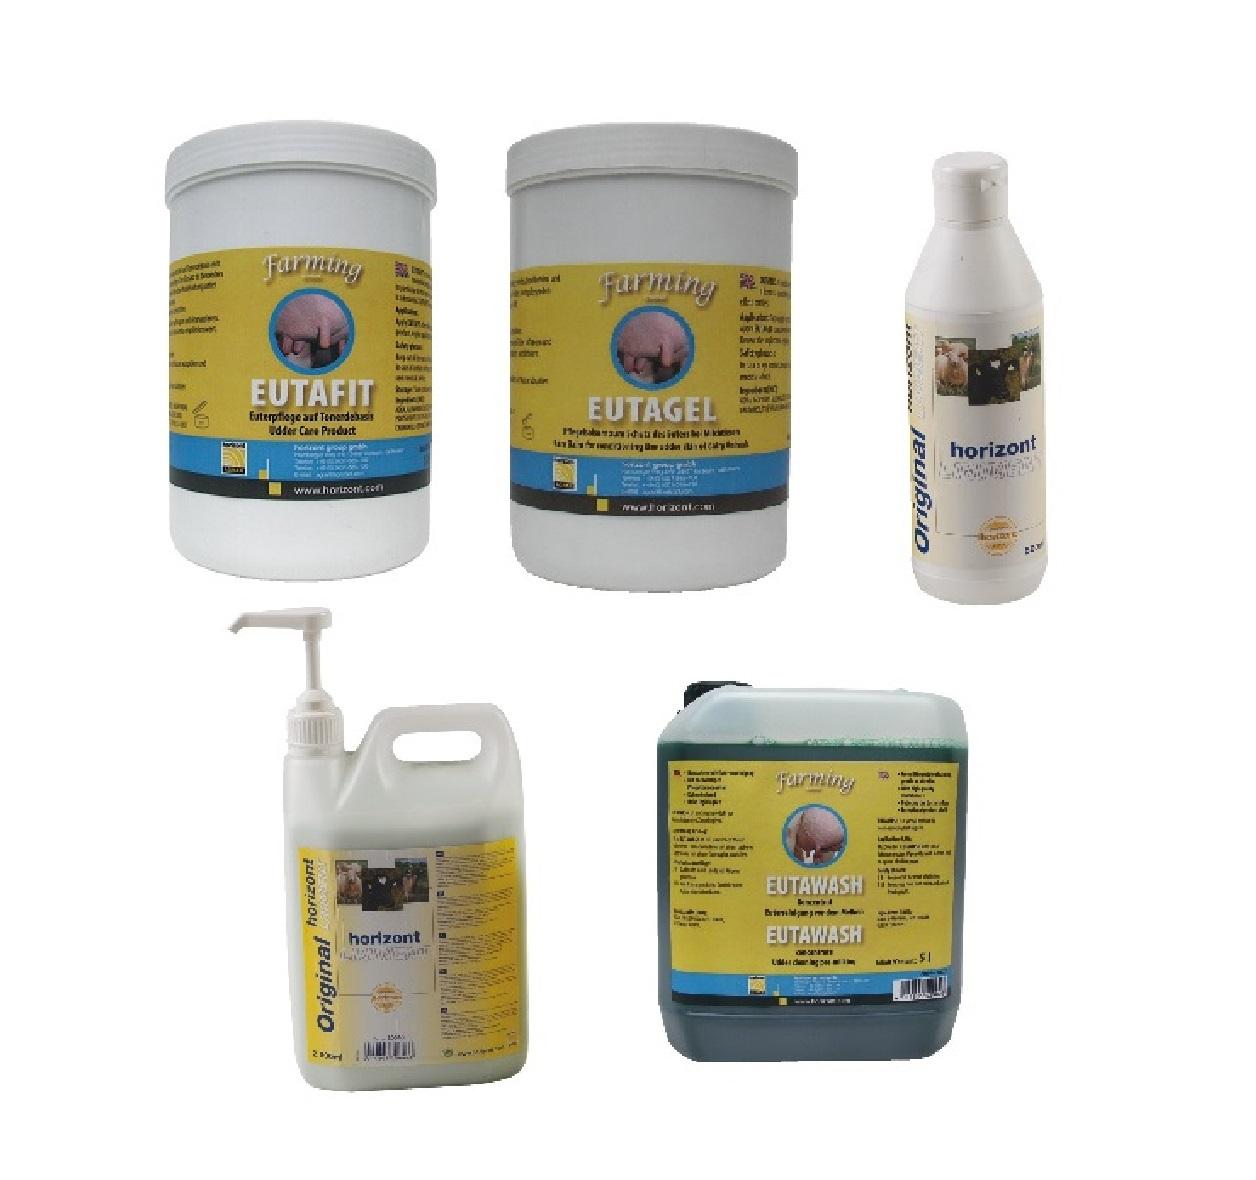 EUTAFIT  EUTAGEL  EUTAWASH Euterpflege - Qualität von HORIZONT